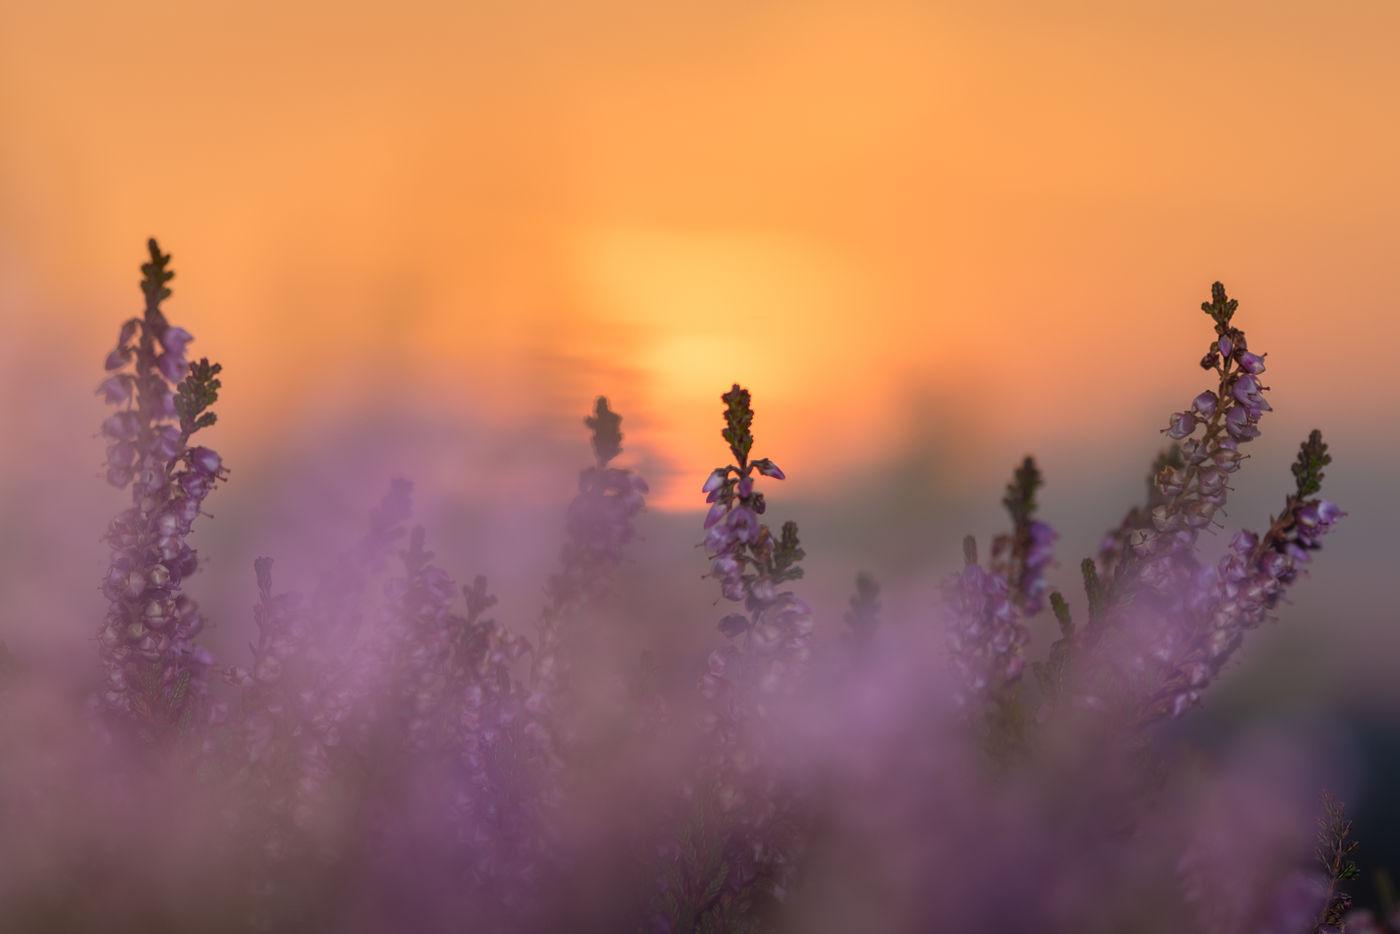 De heide staat in bloei tijdens een prachtige zonsondergang. © Sandy Spaenhoven